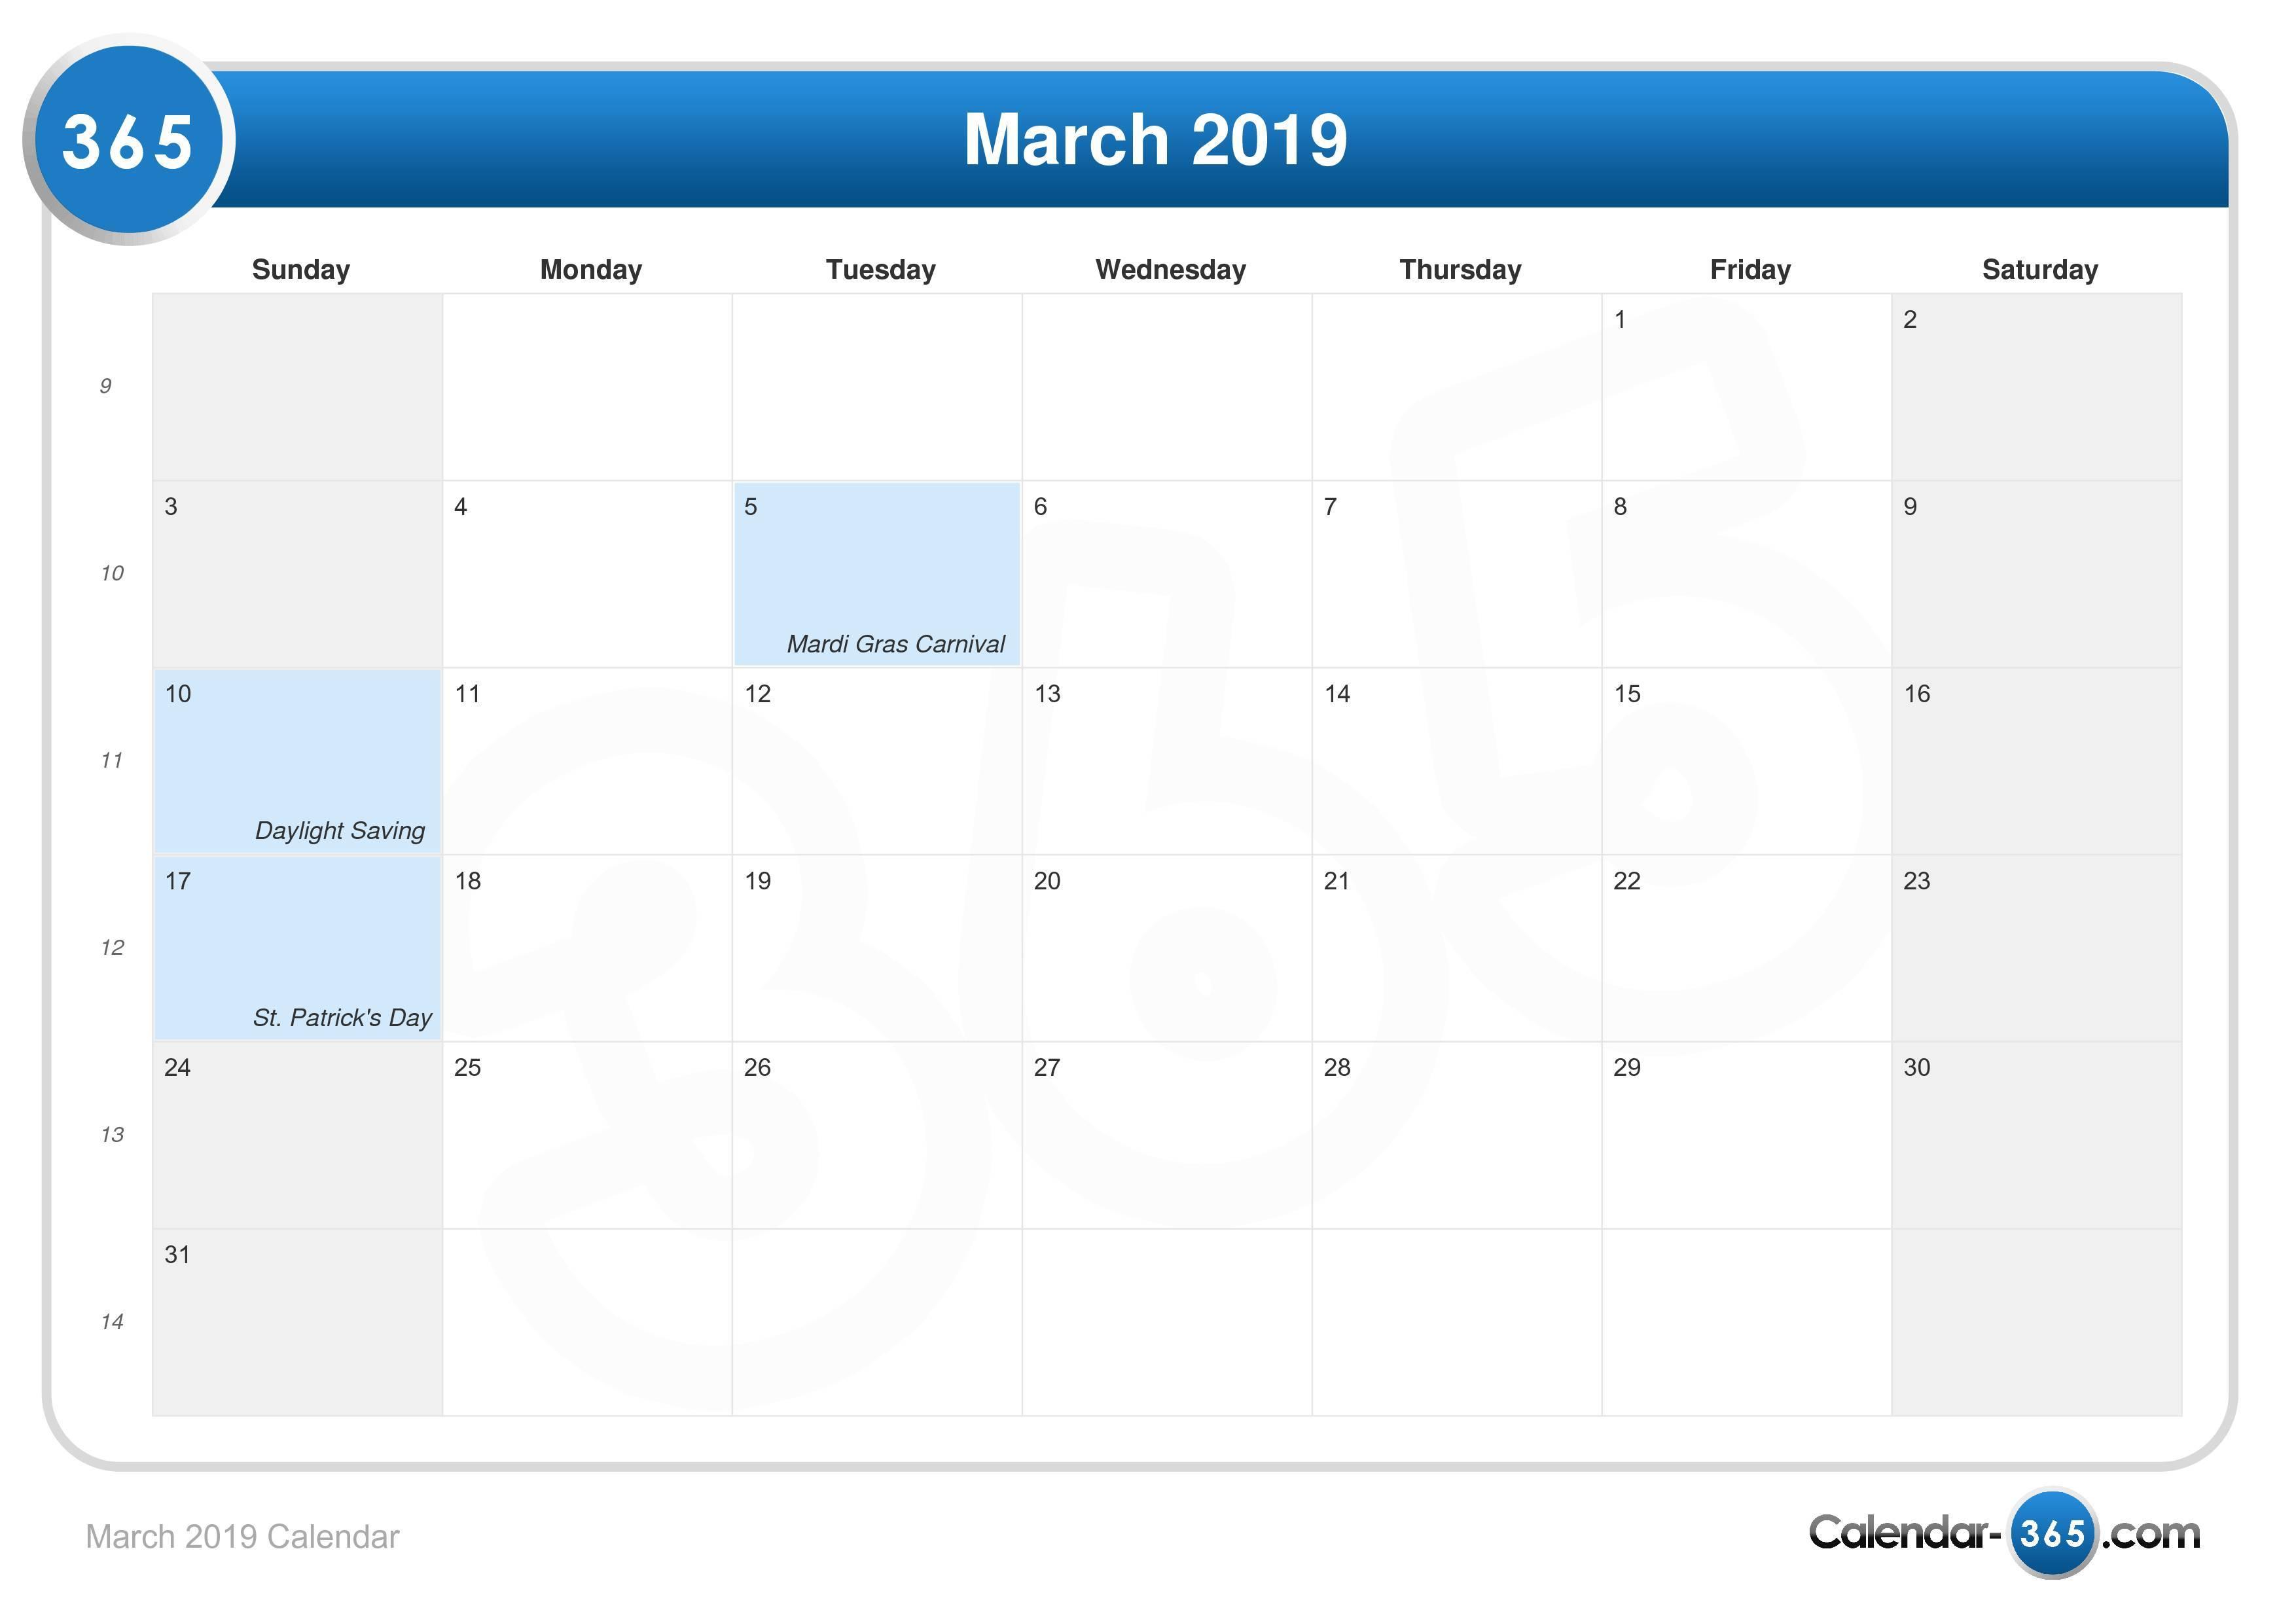 Daylight Calendar 2019 March 2019 Calendar